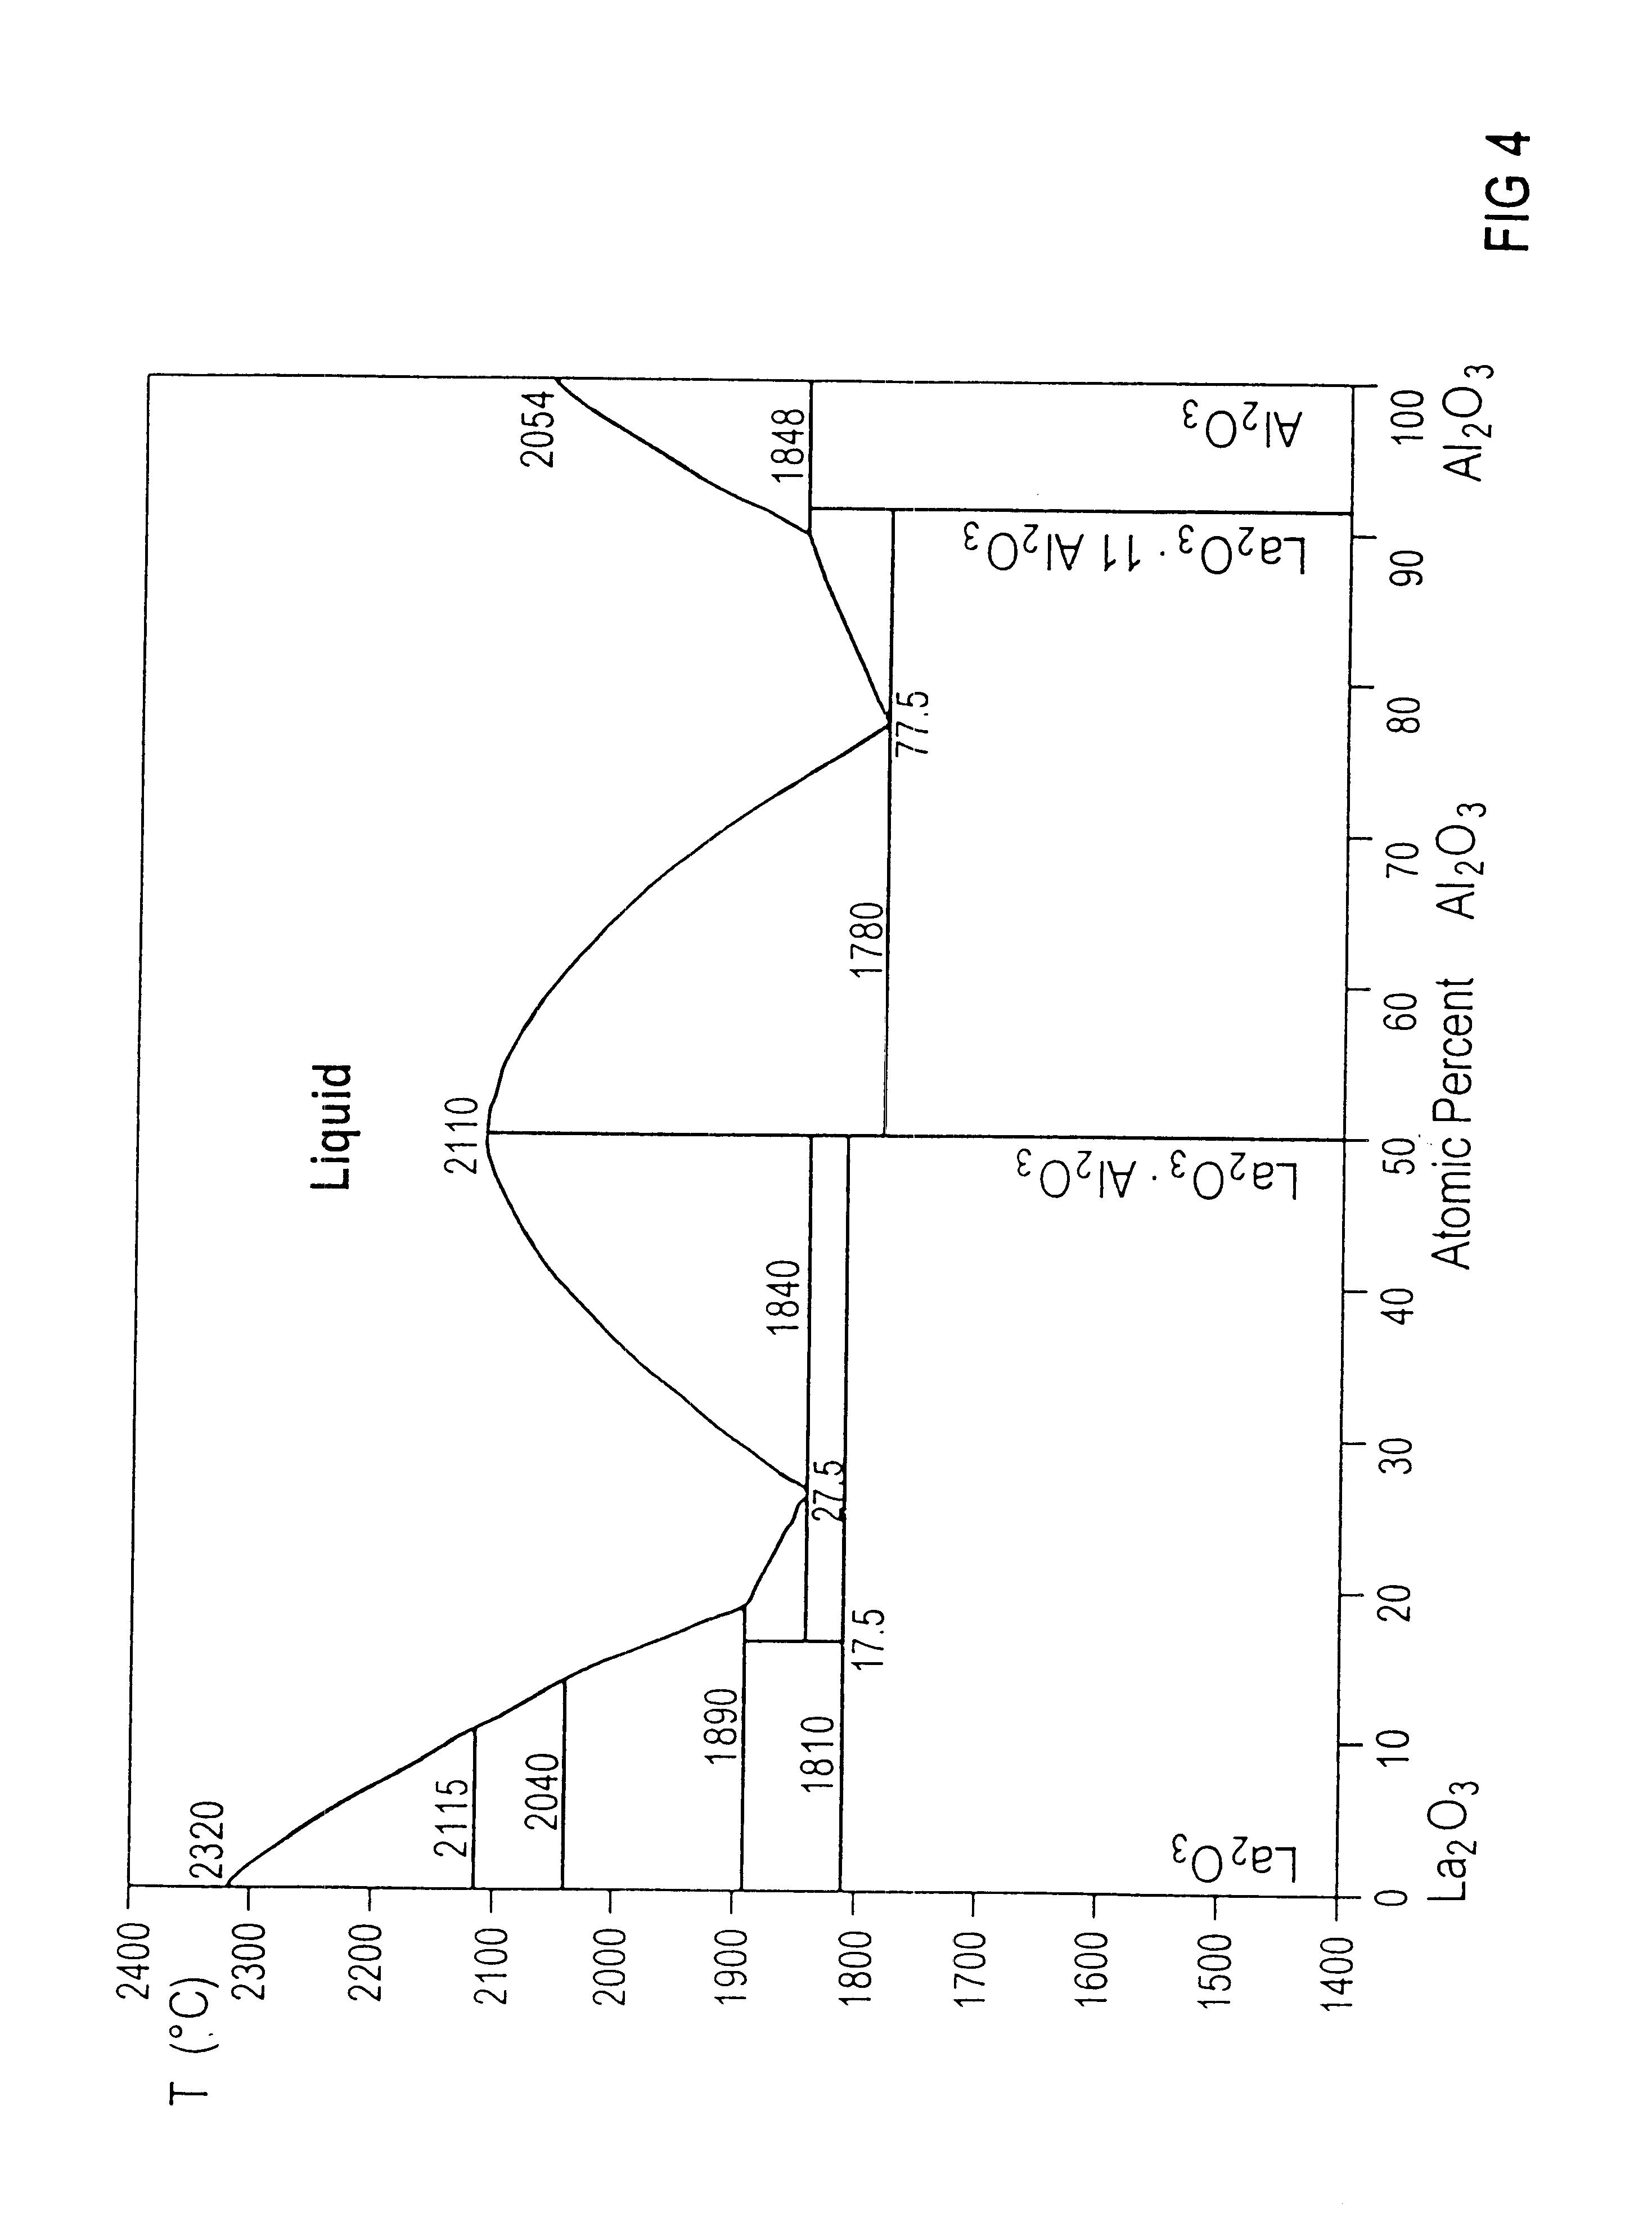 Turbine Diagram Thermodynamics Wiring Diagrams Gas Engine Blades Heat Exchanger Steam